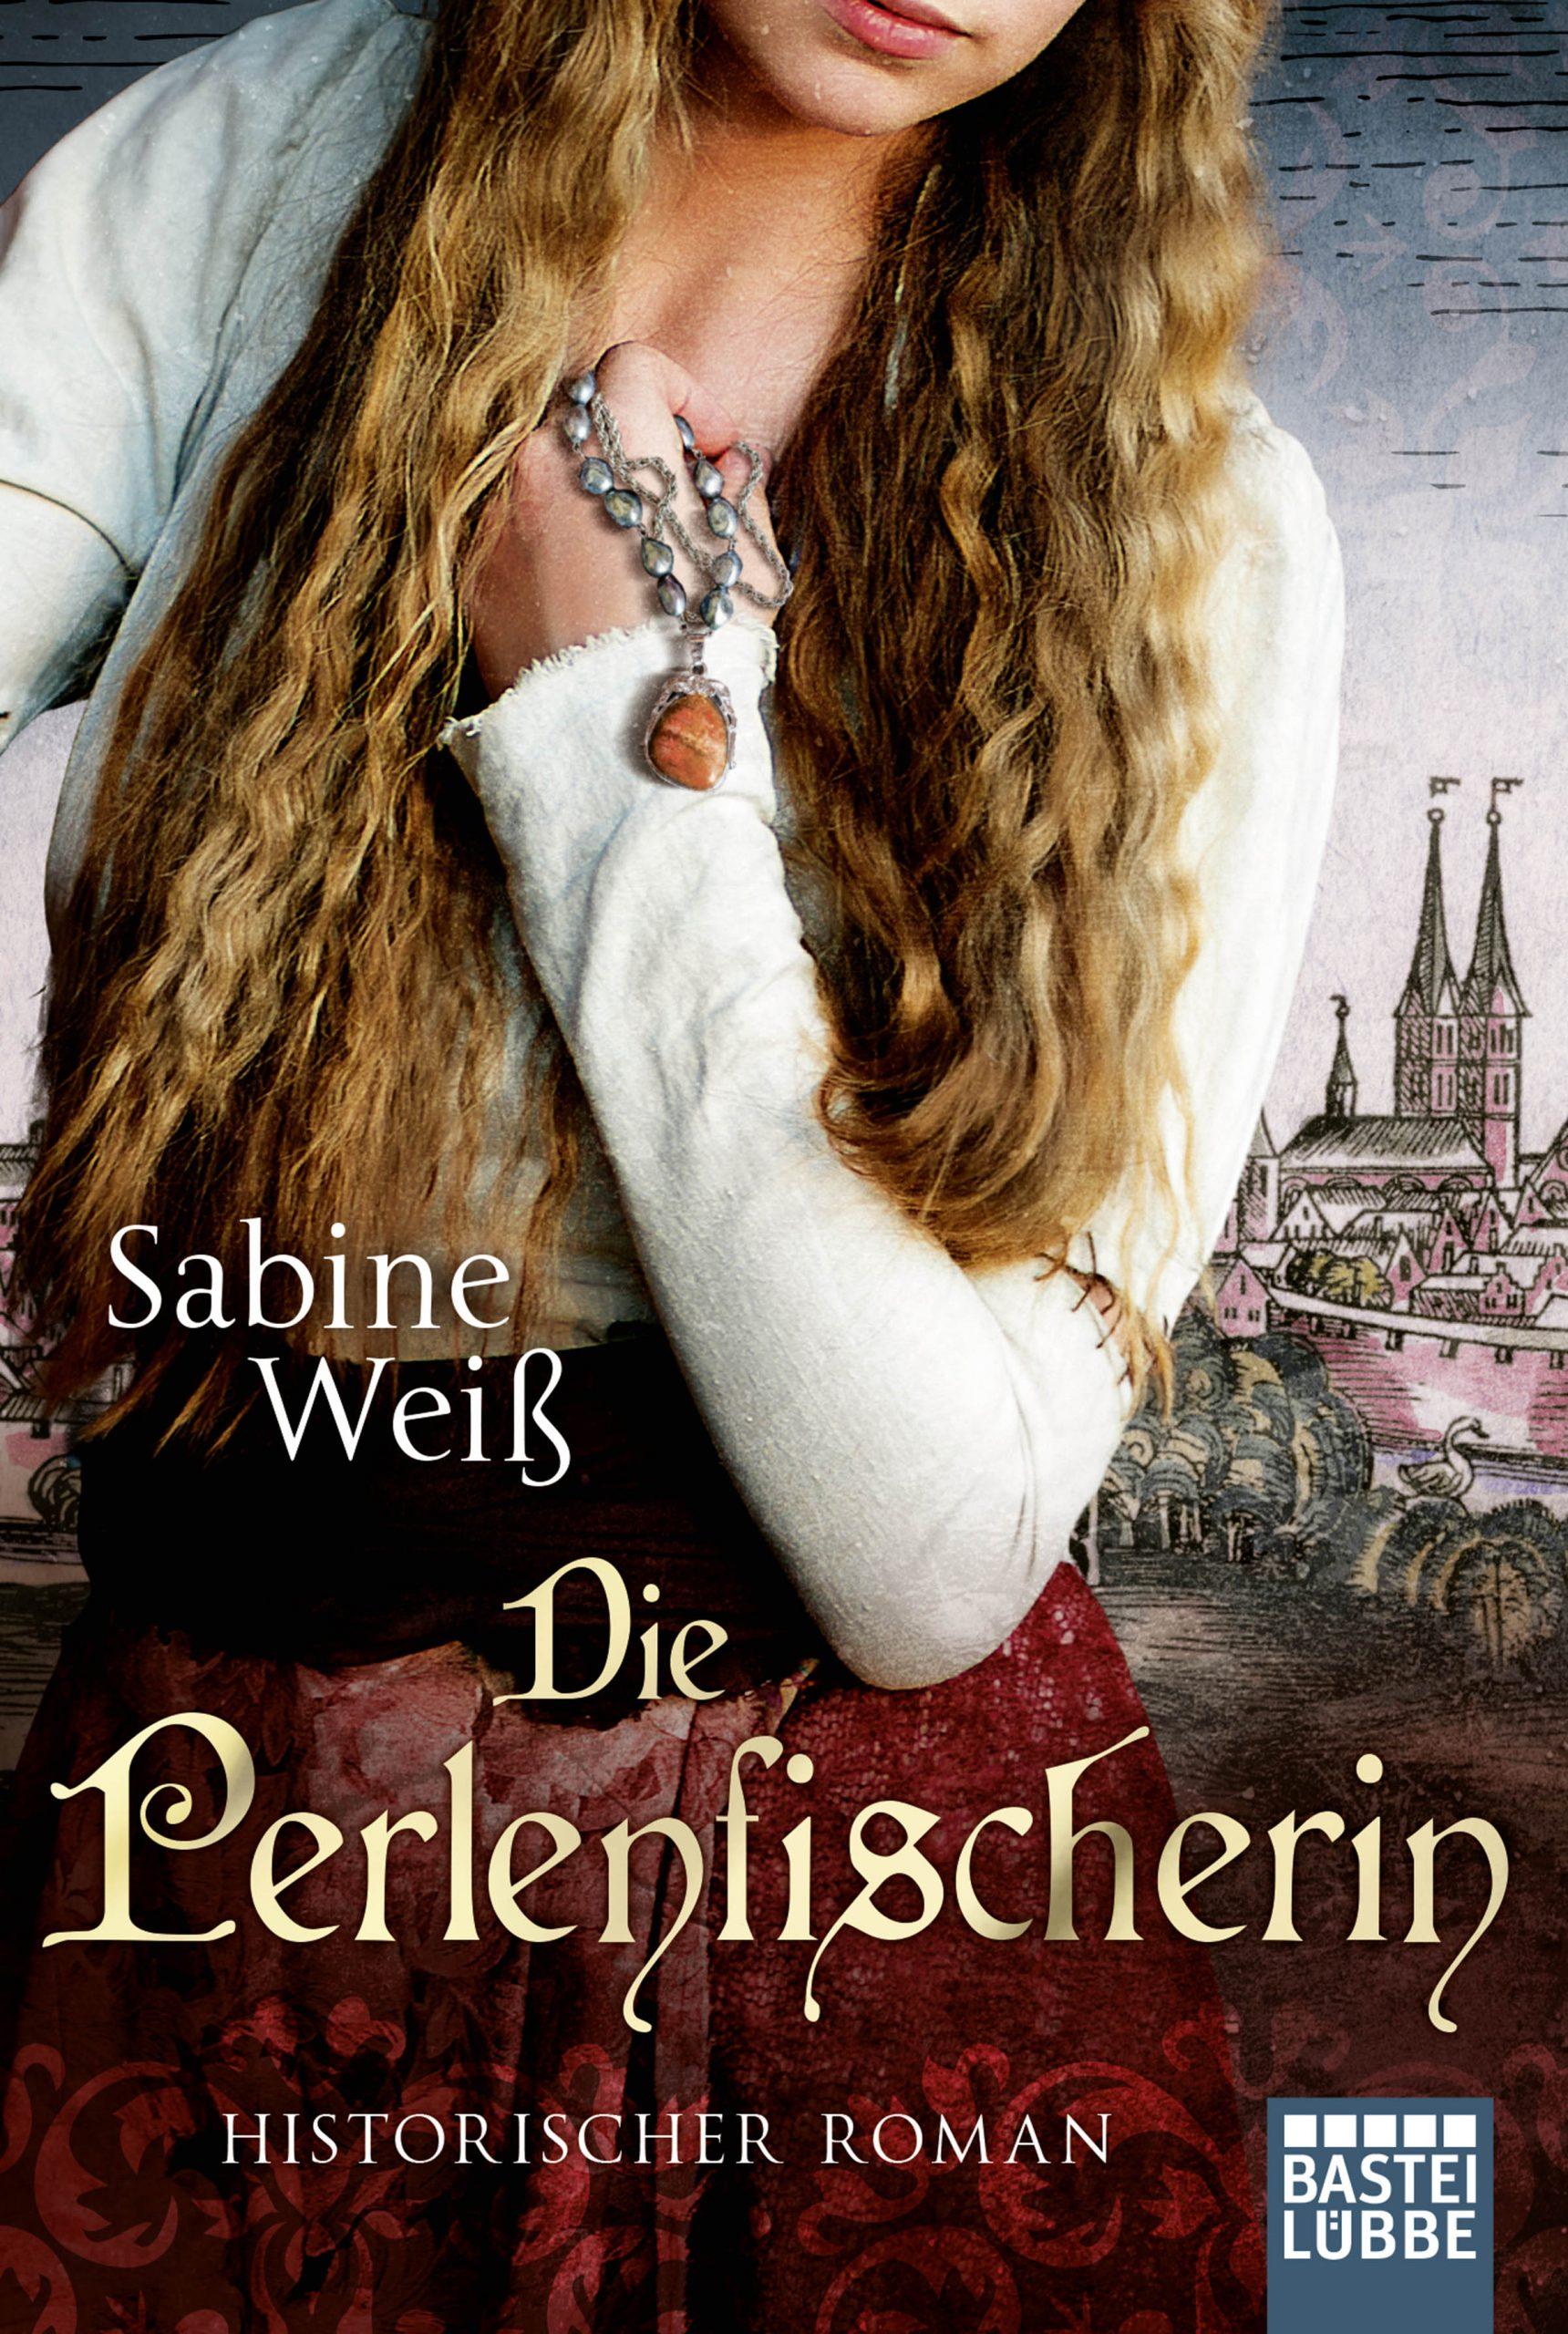 Sabine Weiss' neuer historischer Roman jetzt im Handel